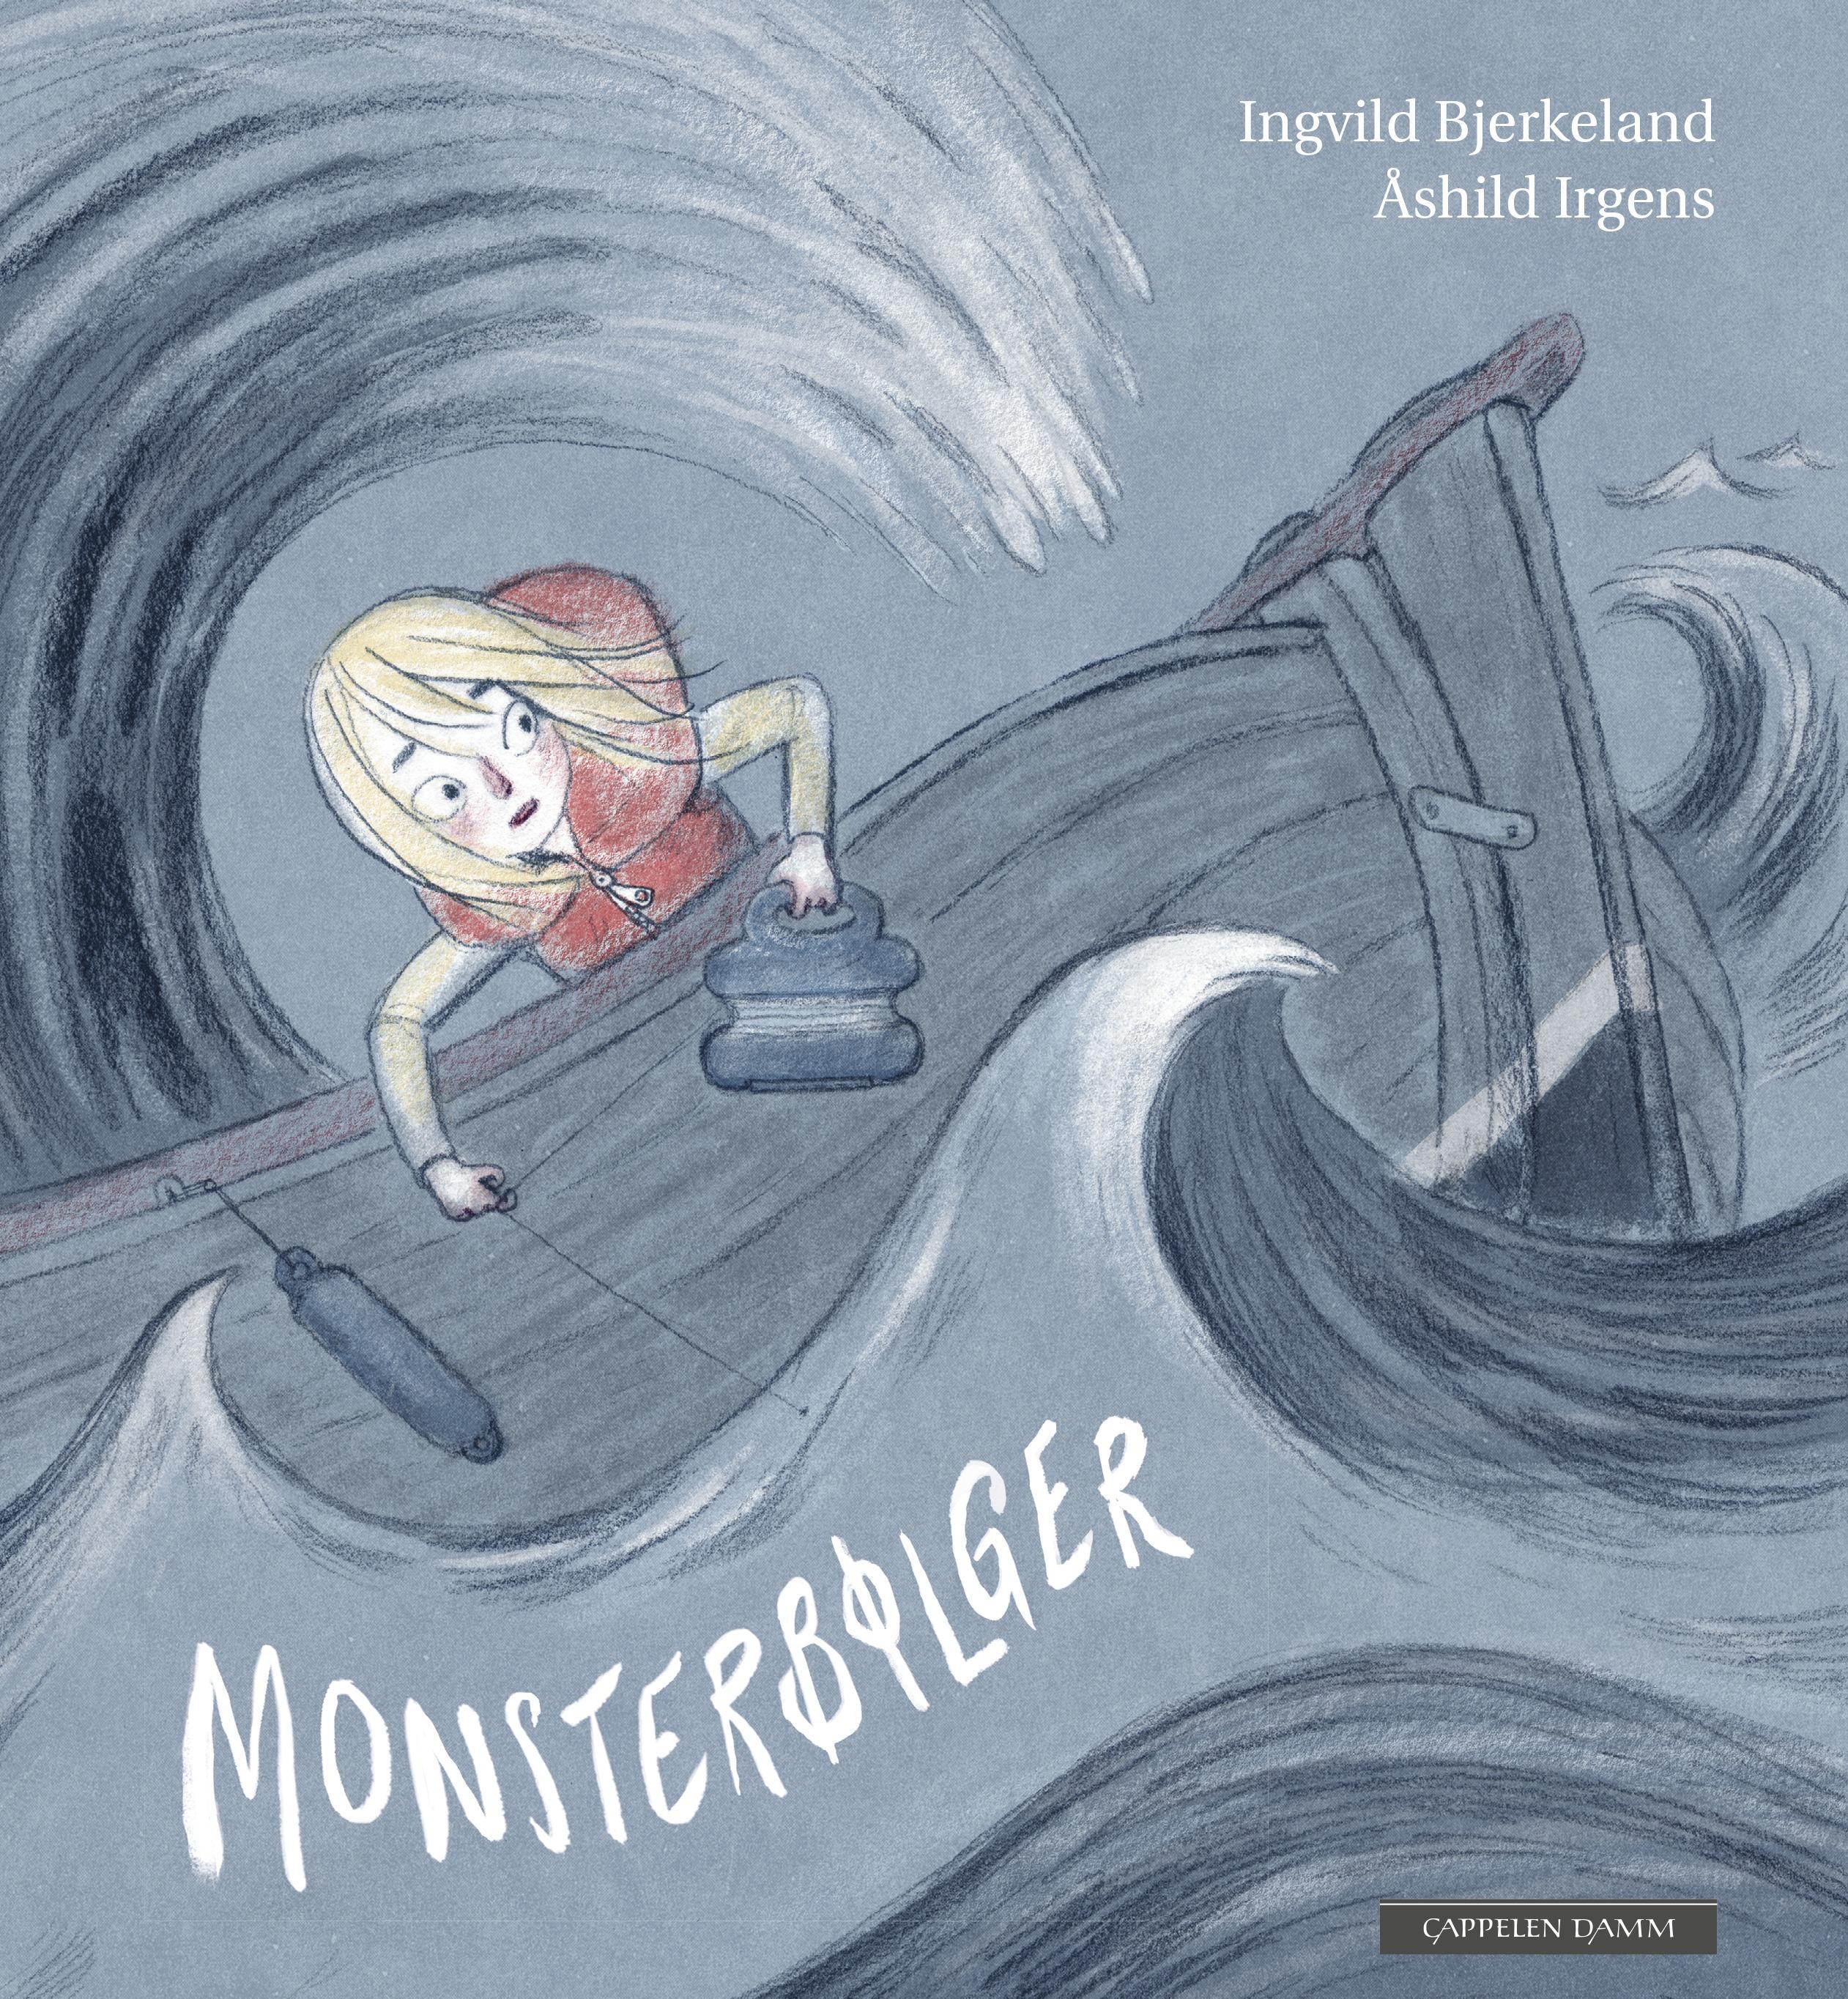 """""""Monsterbølger"""" av Ingvild Bjerkeland"""